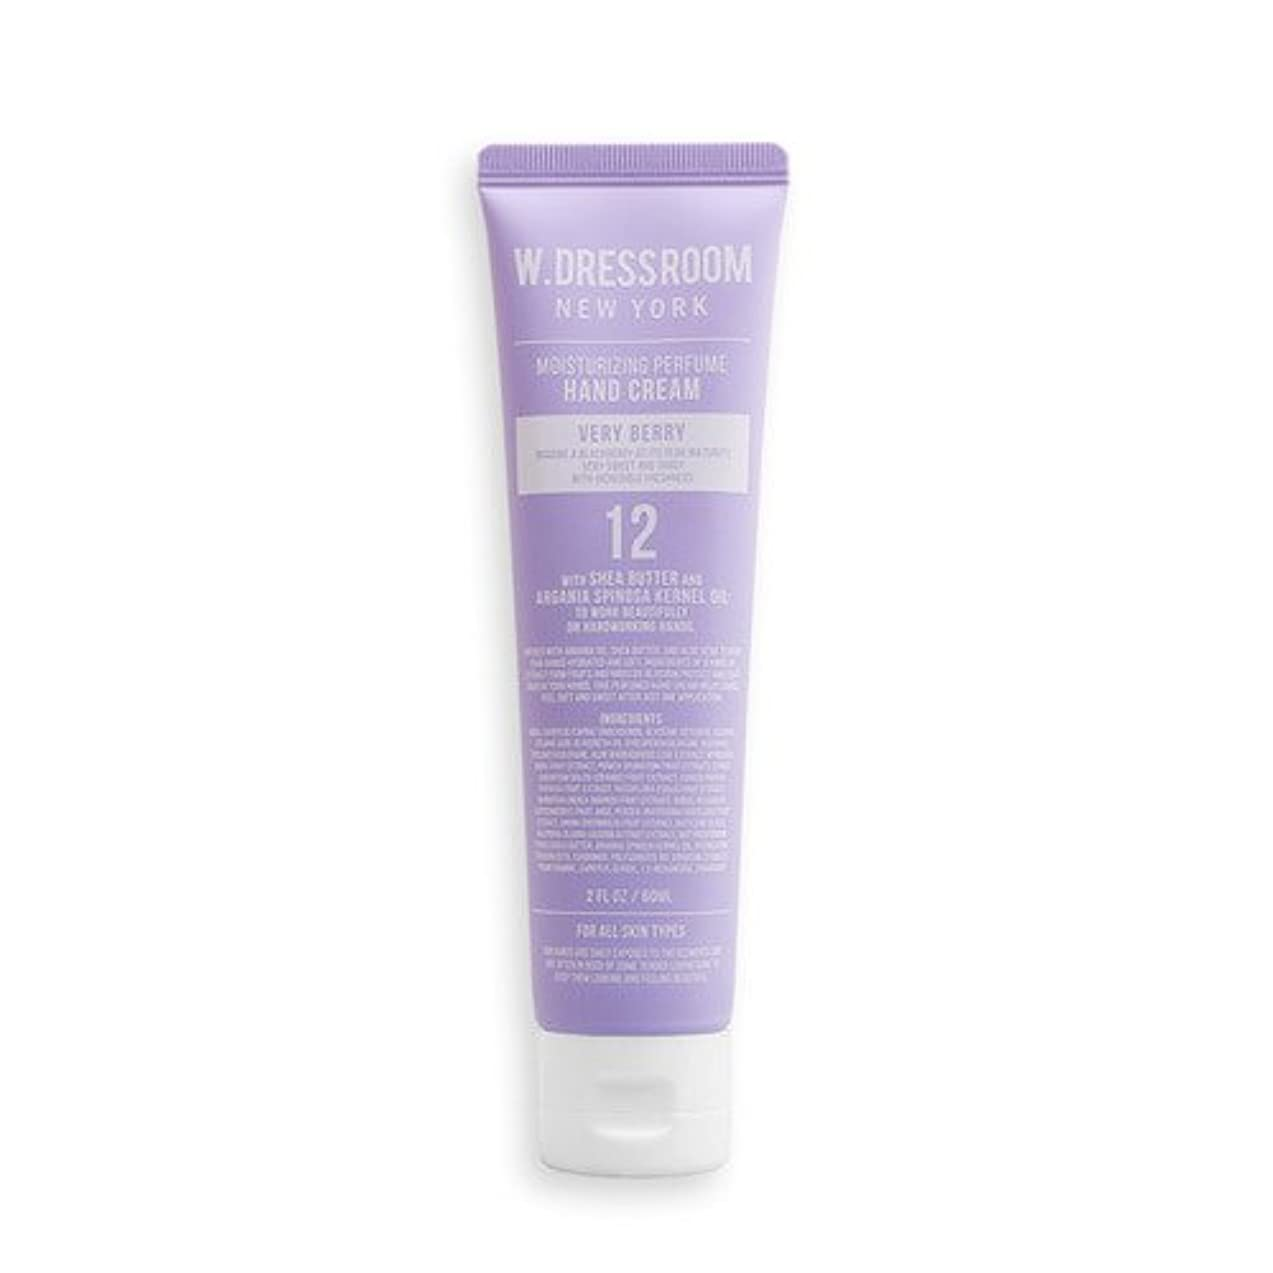 復活させる小切手海峡W.DRESSROOM Moisturizing Perfume Hand Cream 60ml/ダブルドレスルーム モイスチャライジング パフューム ハンドクリーム 60ml (#No.12 Very Berry) [並行輸入品]